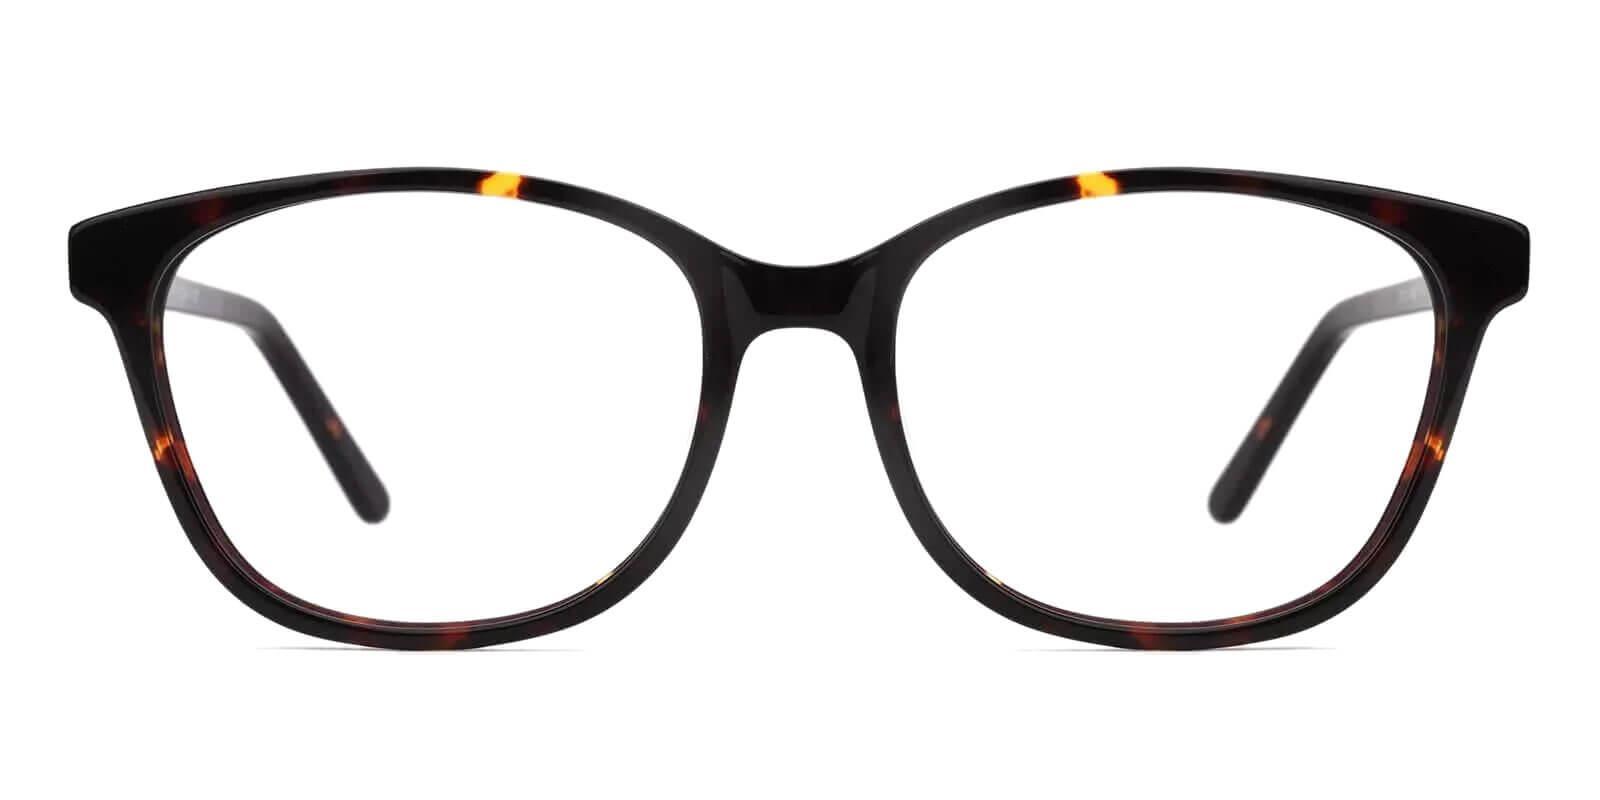 Bolivia Tortoise Acetate Eyeglasses , SpringHinges , UniversalBridgeFit Frames from ABBE Glasses